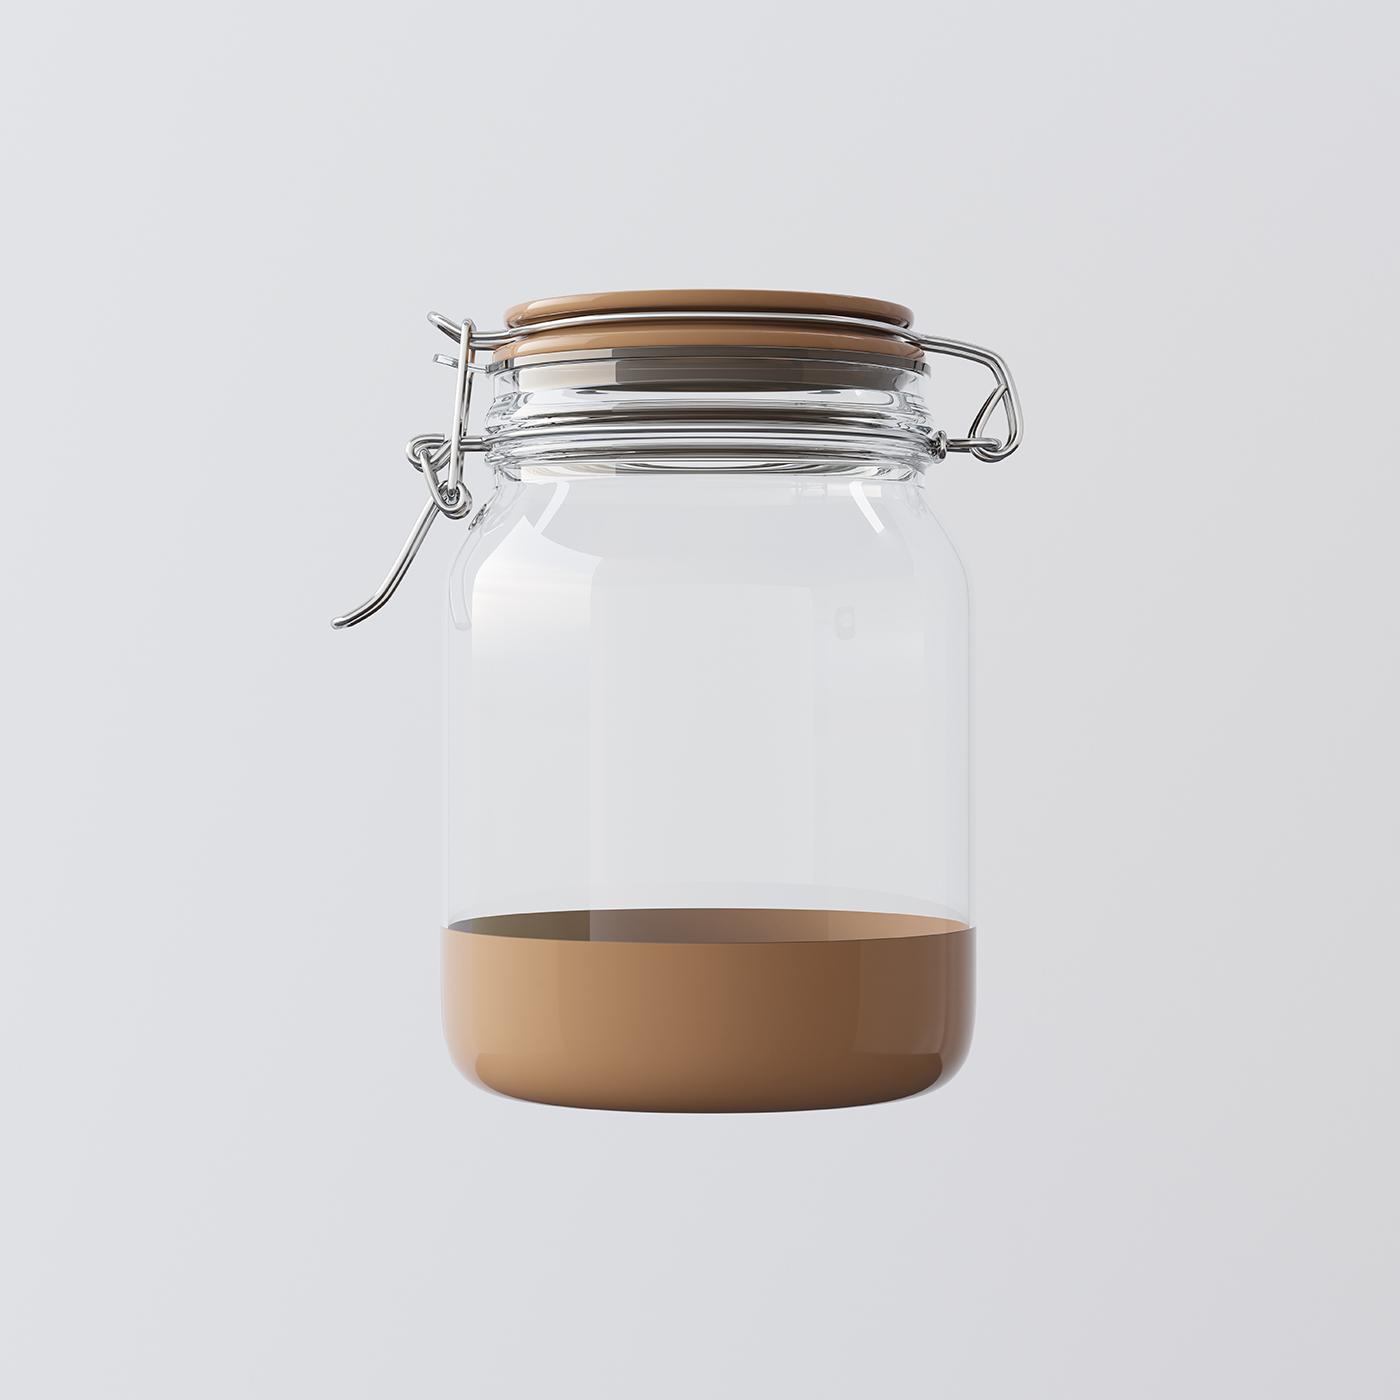 Simplicity In Design